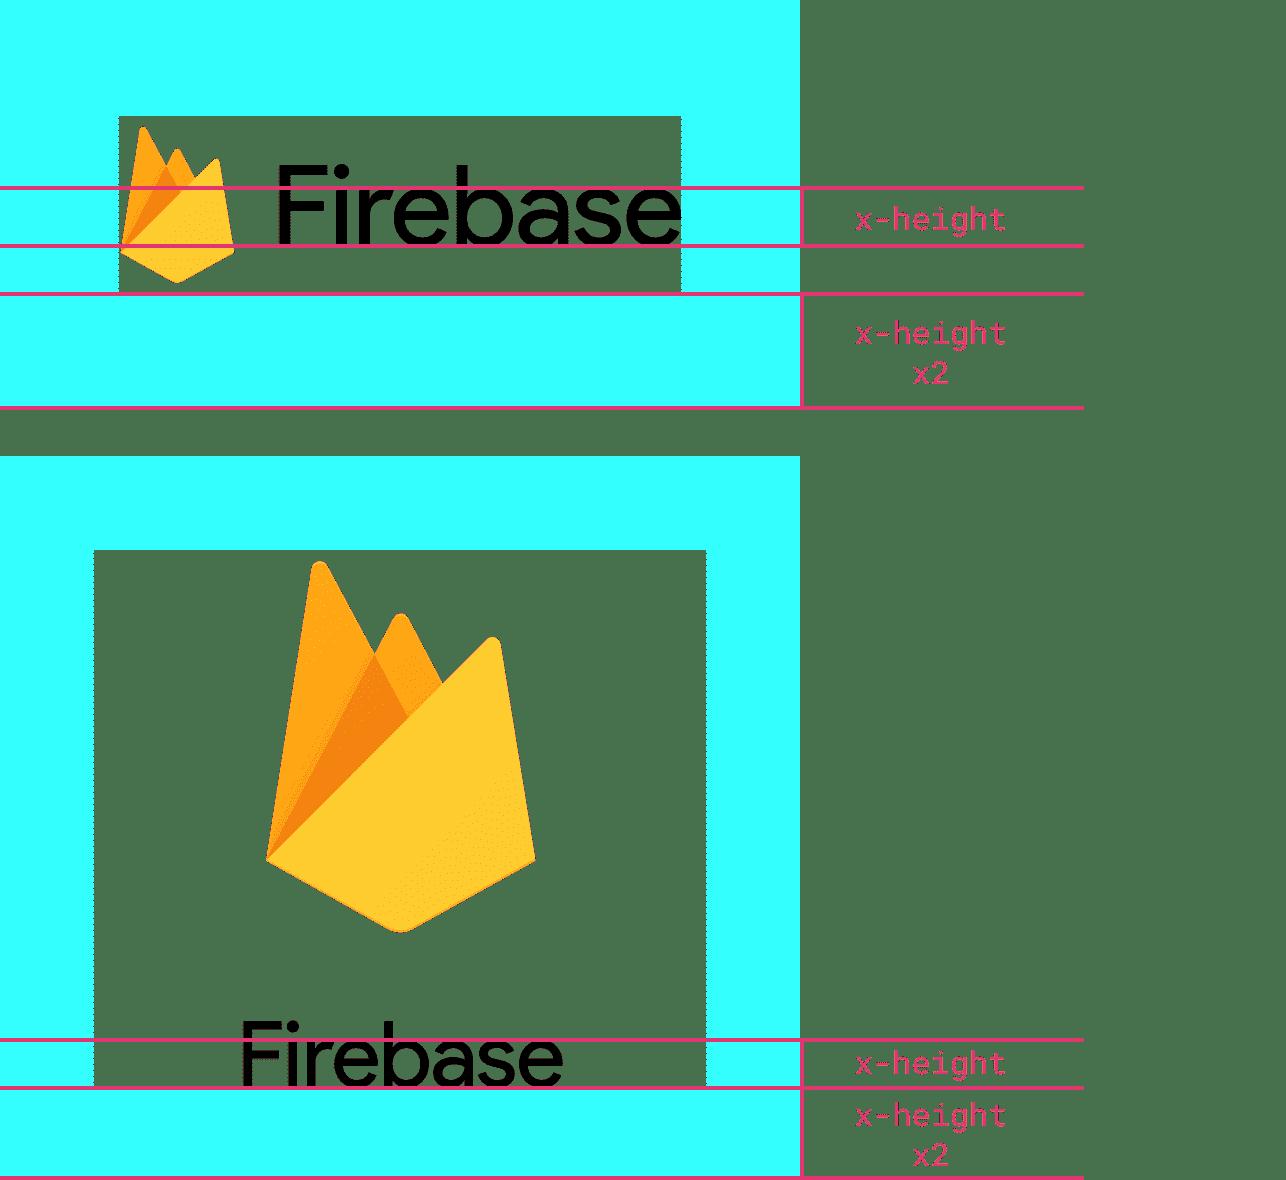 نمونه های آرم Firebase با حداقل دو برابر ارتفاع آرم